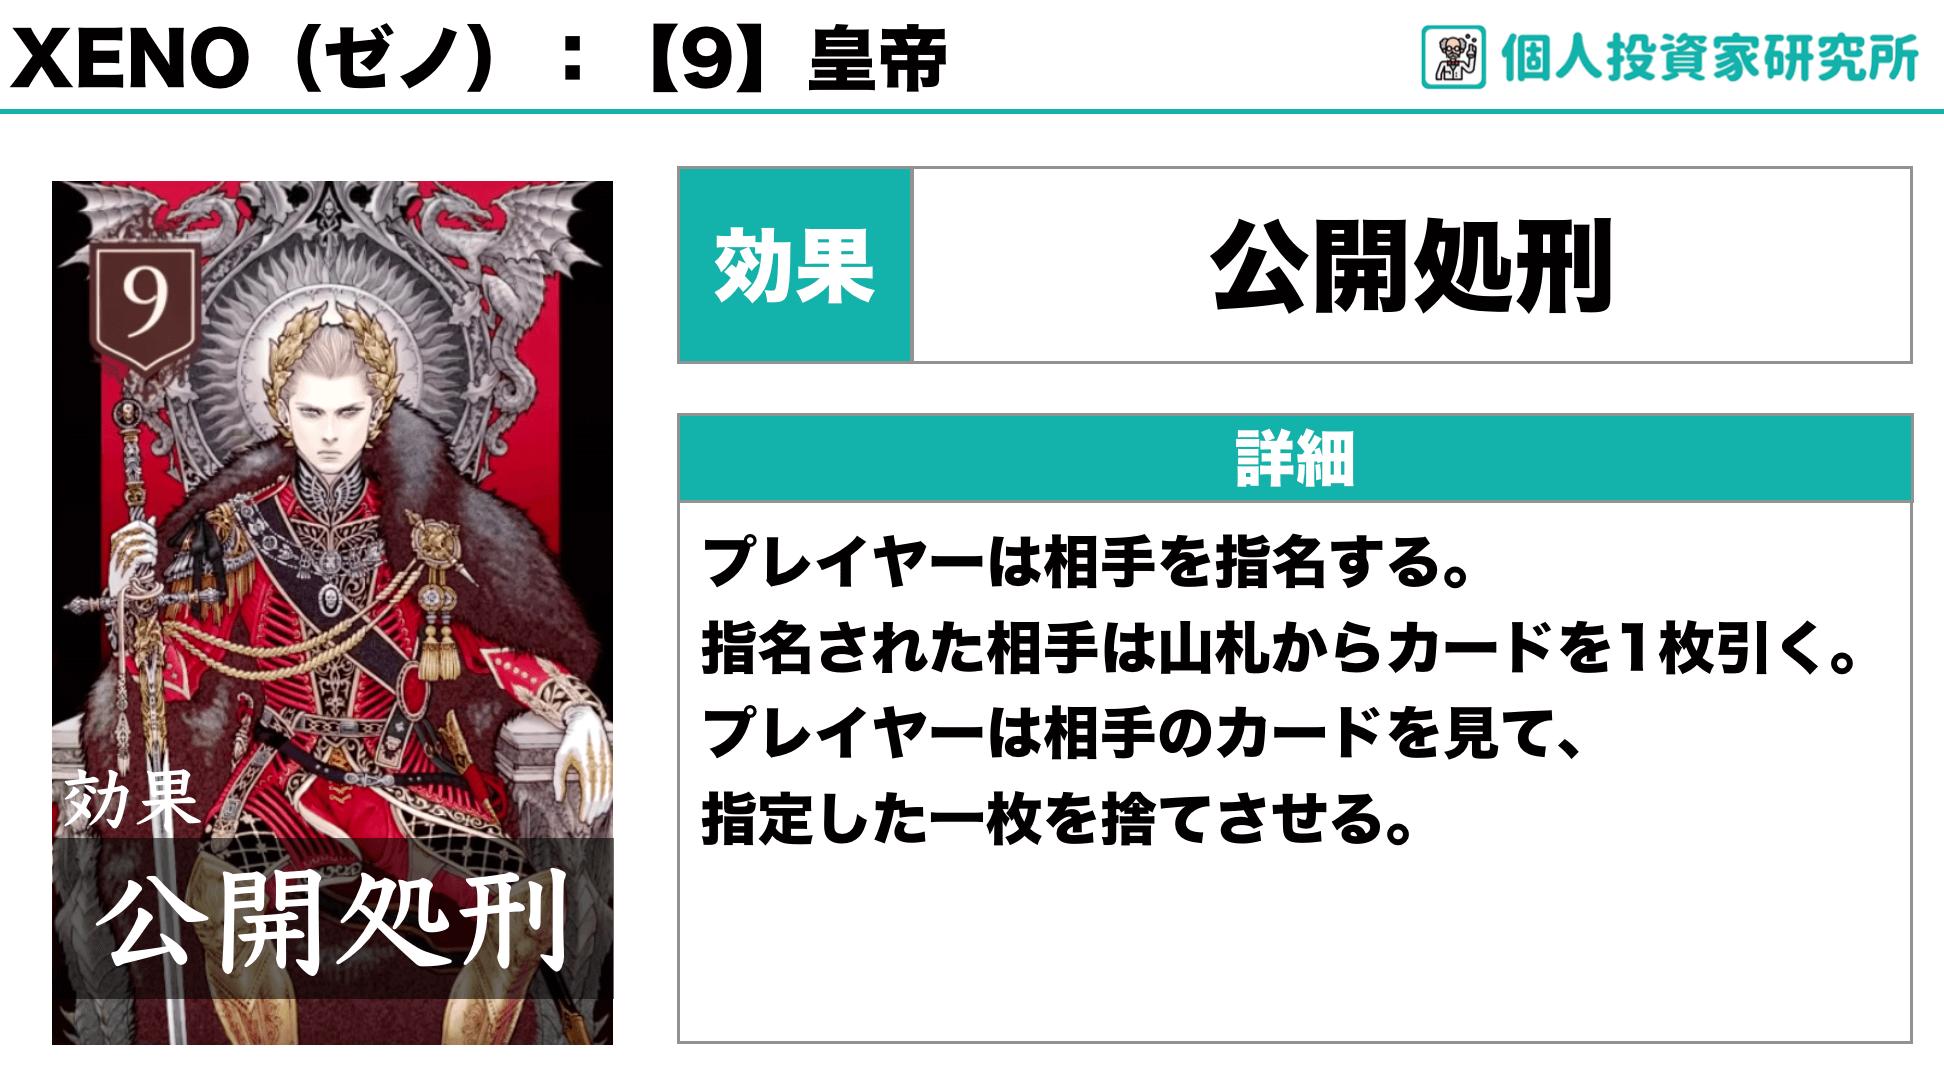 【ルール_カードの効果】中田敦彦さん考案のカードゲーム・XENO(ゼノ)9